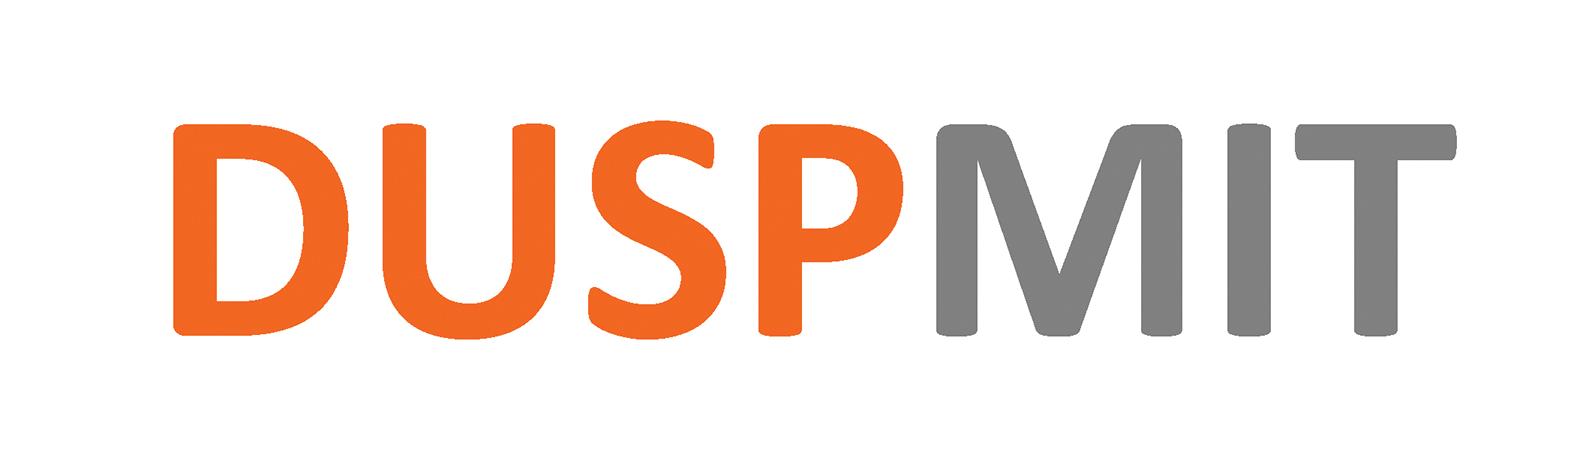 DUSPMIT_logo.png